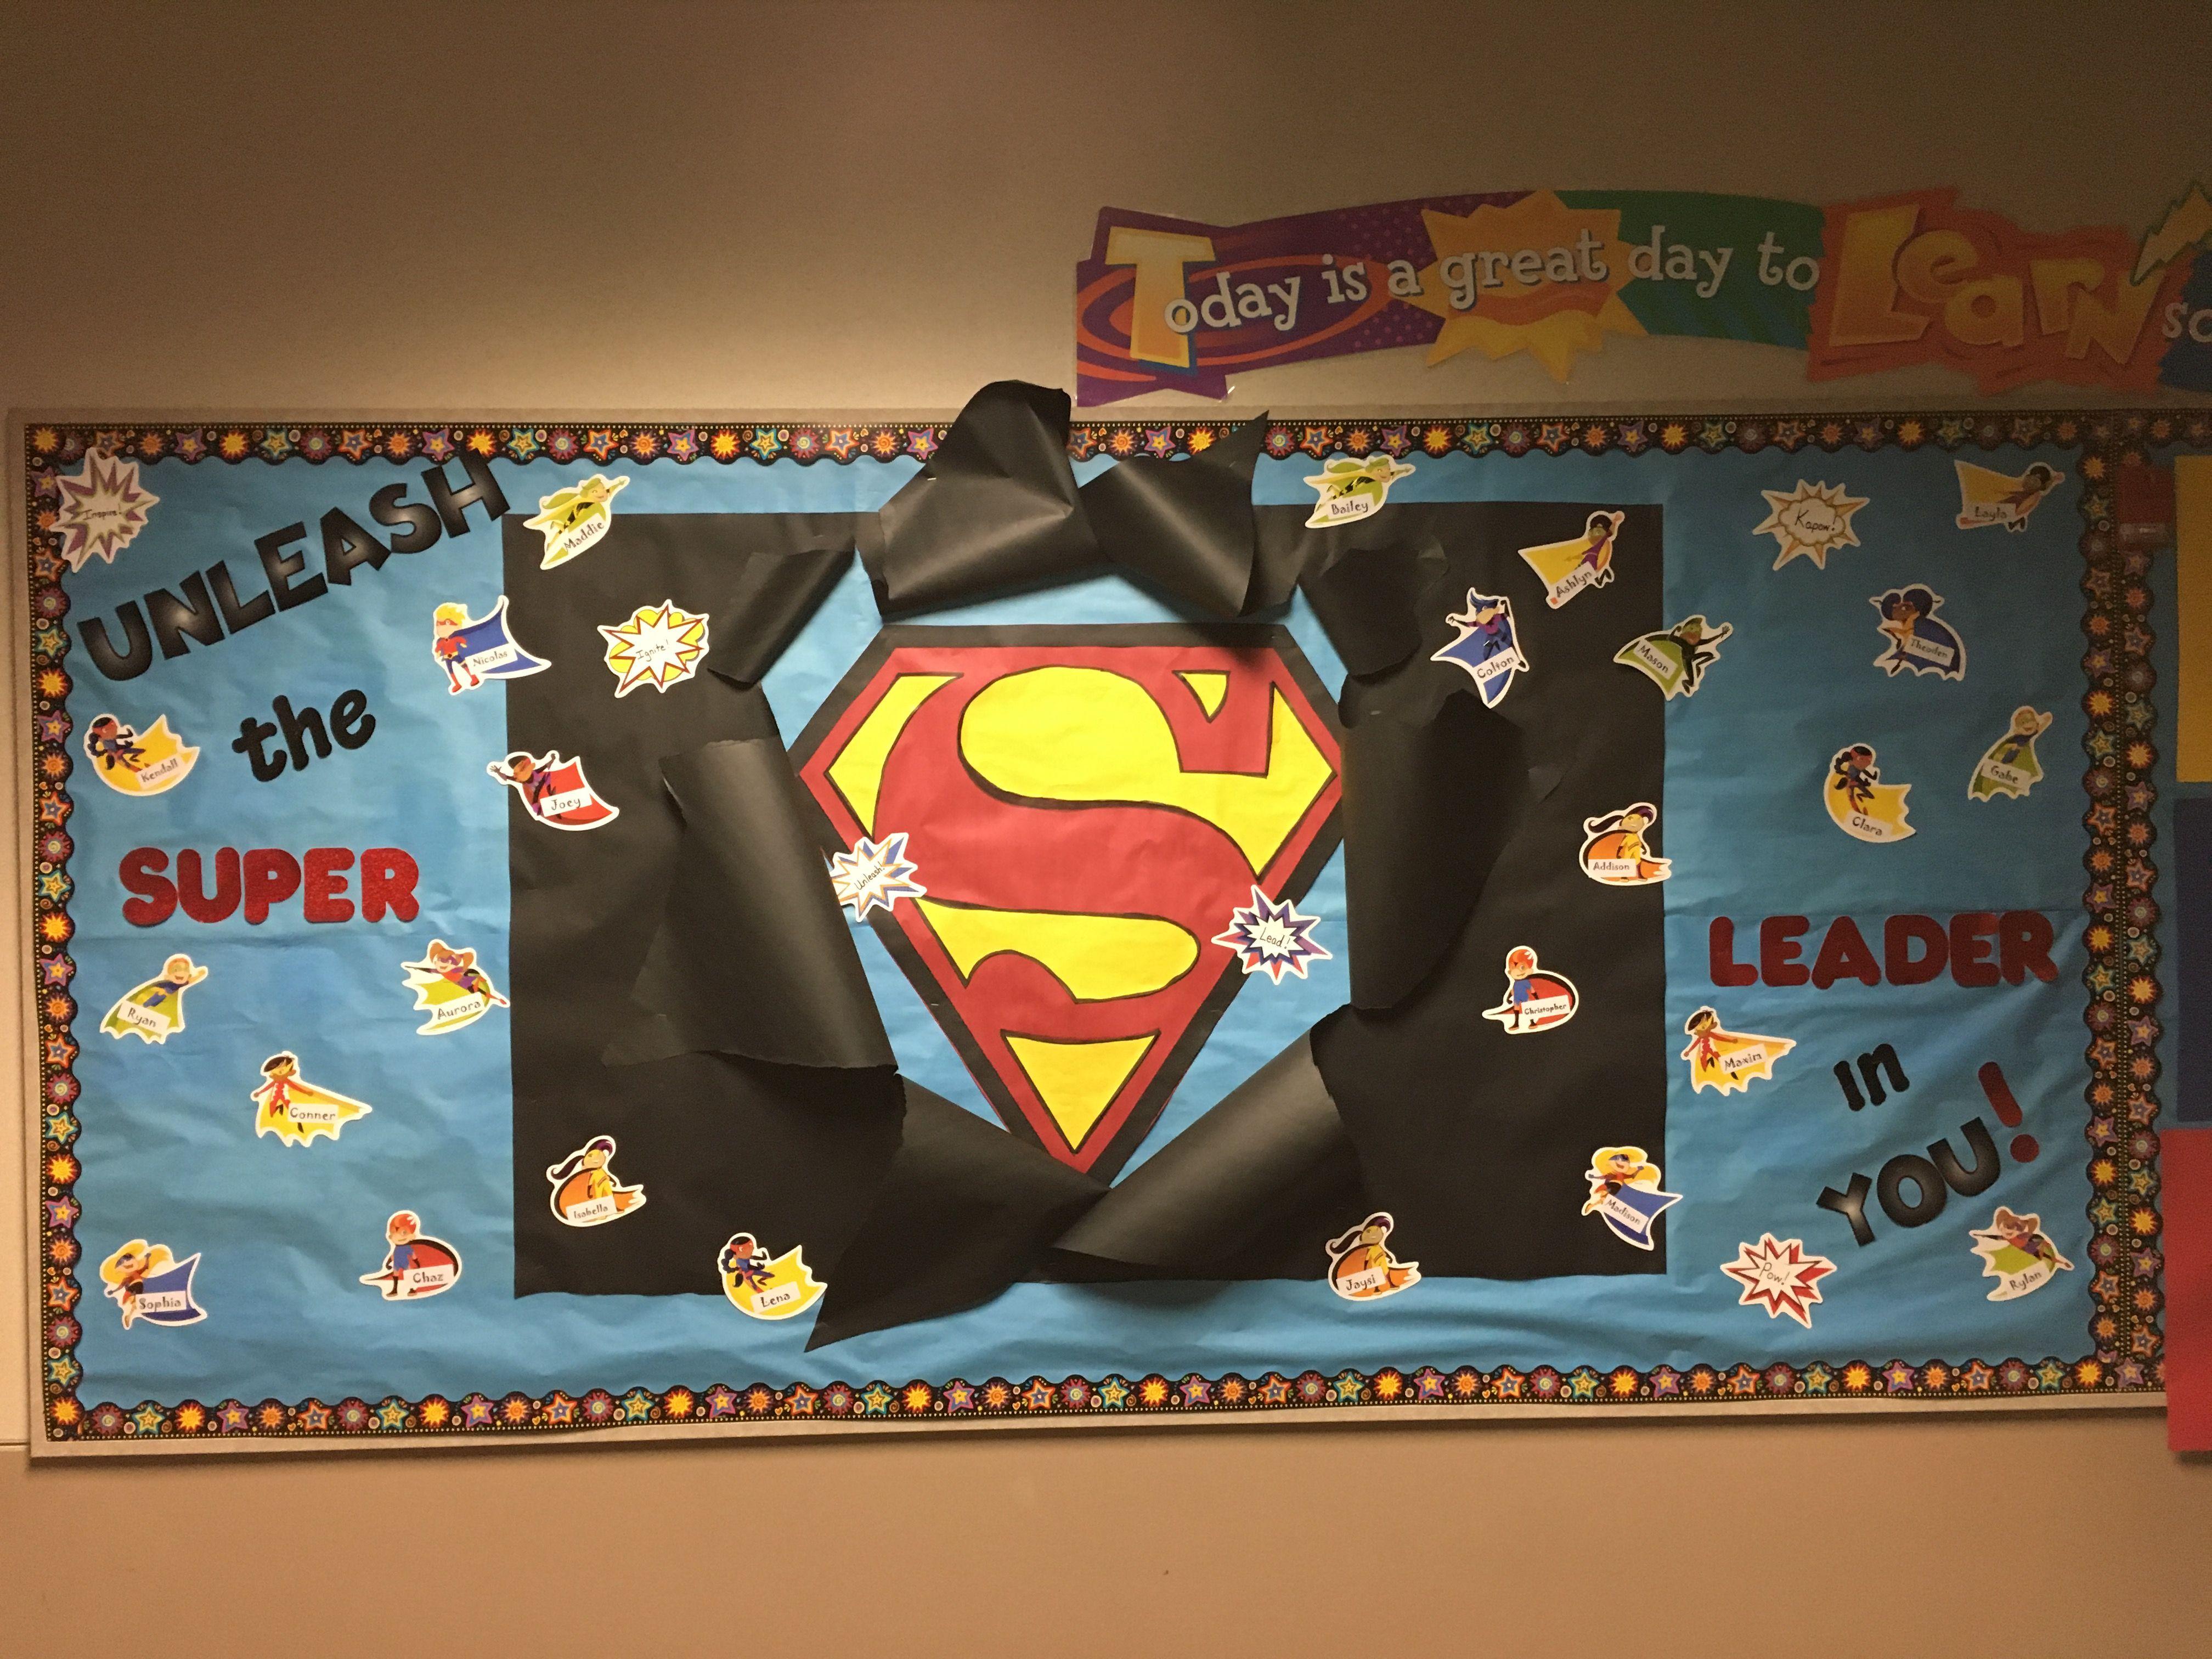 Superhero Bulletin Board Leader In Me